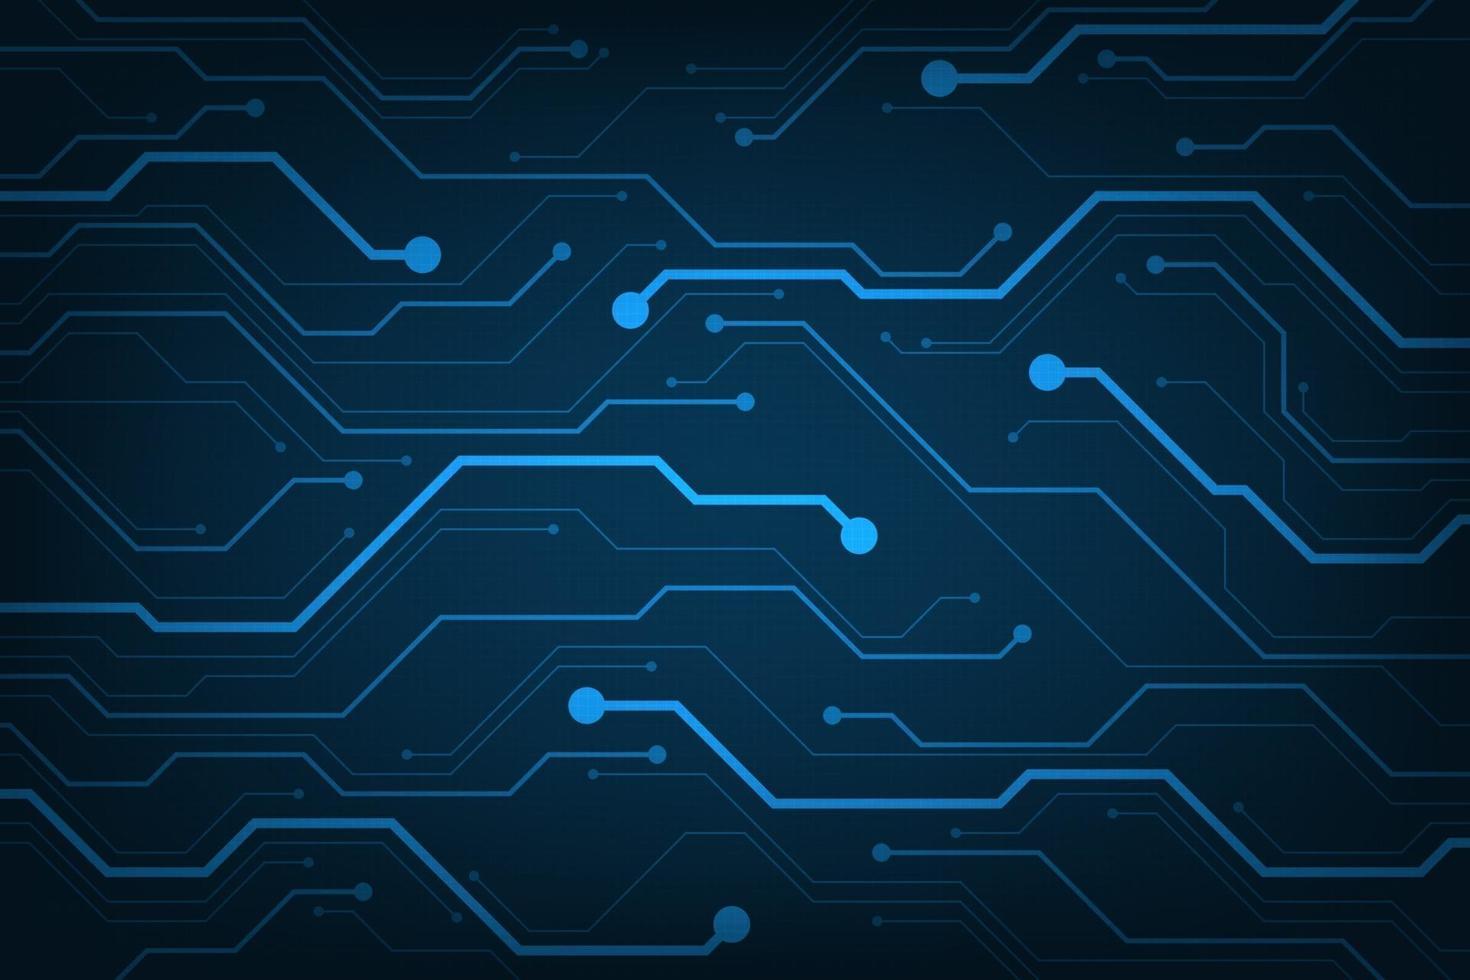 design i konceptet elektroniska kretskort. vektor